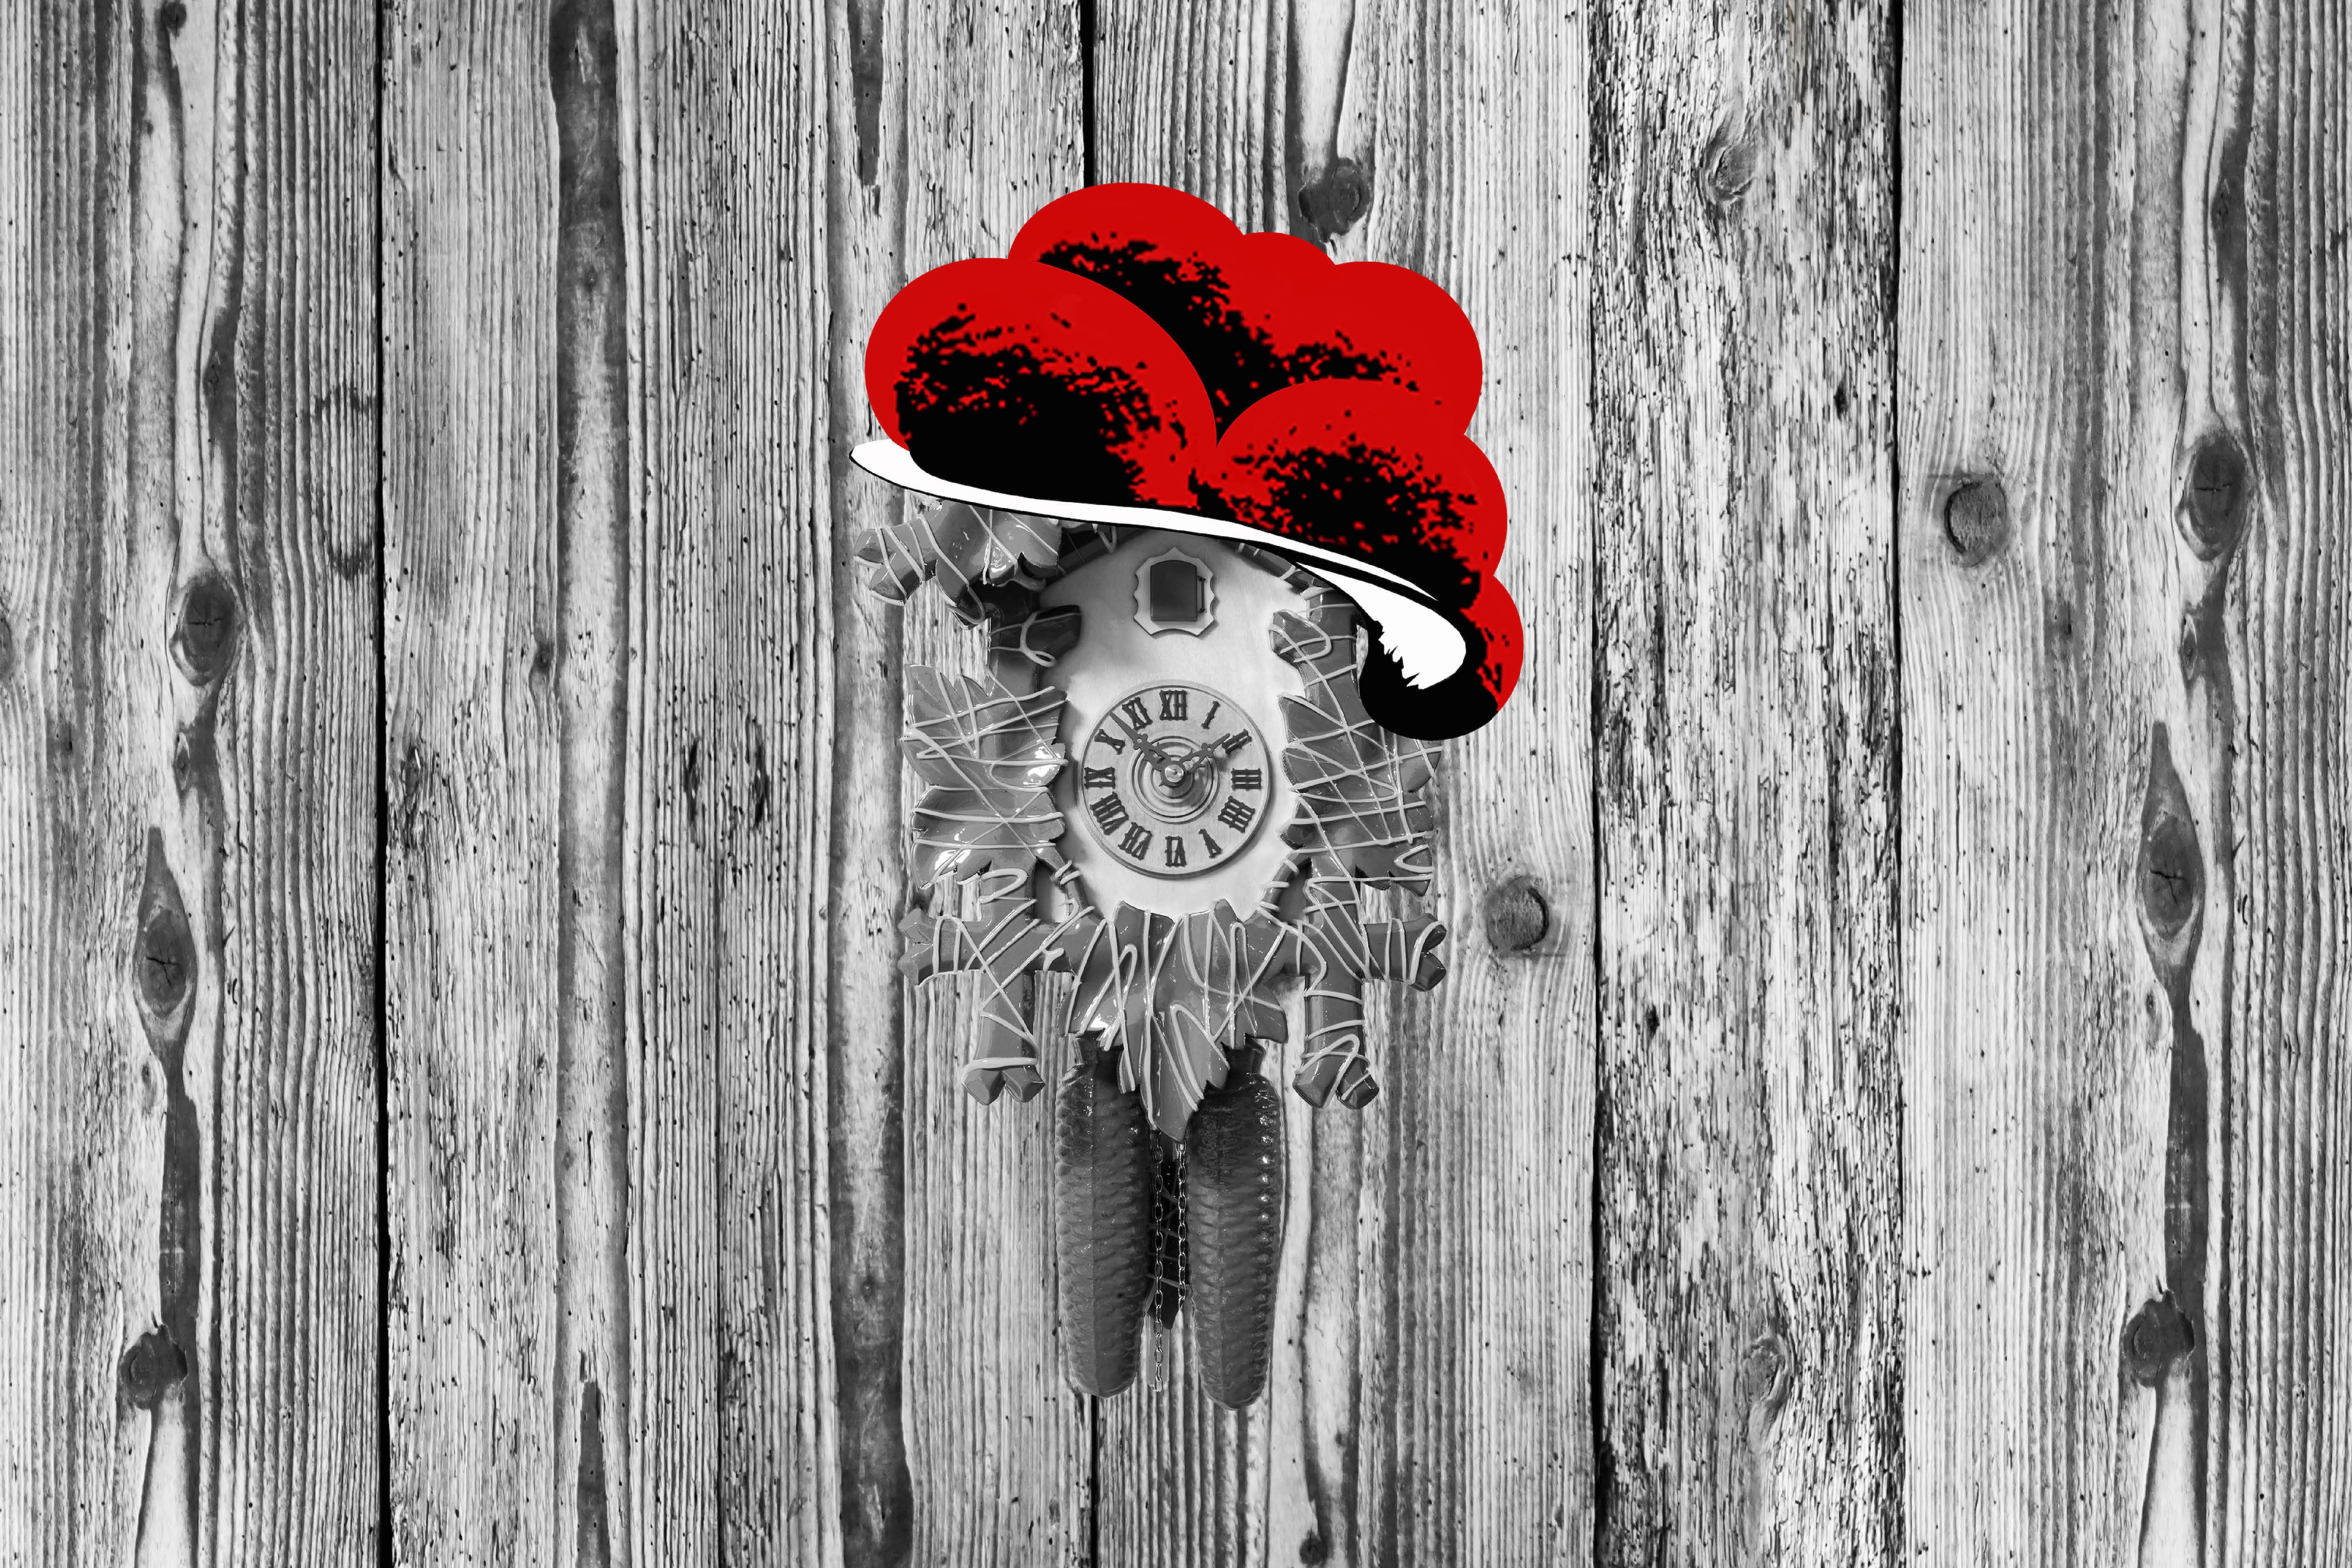 Kuckuck an Holzwand